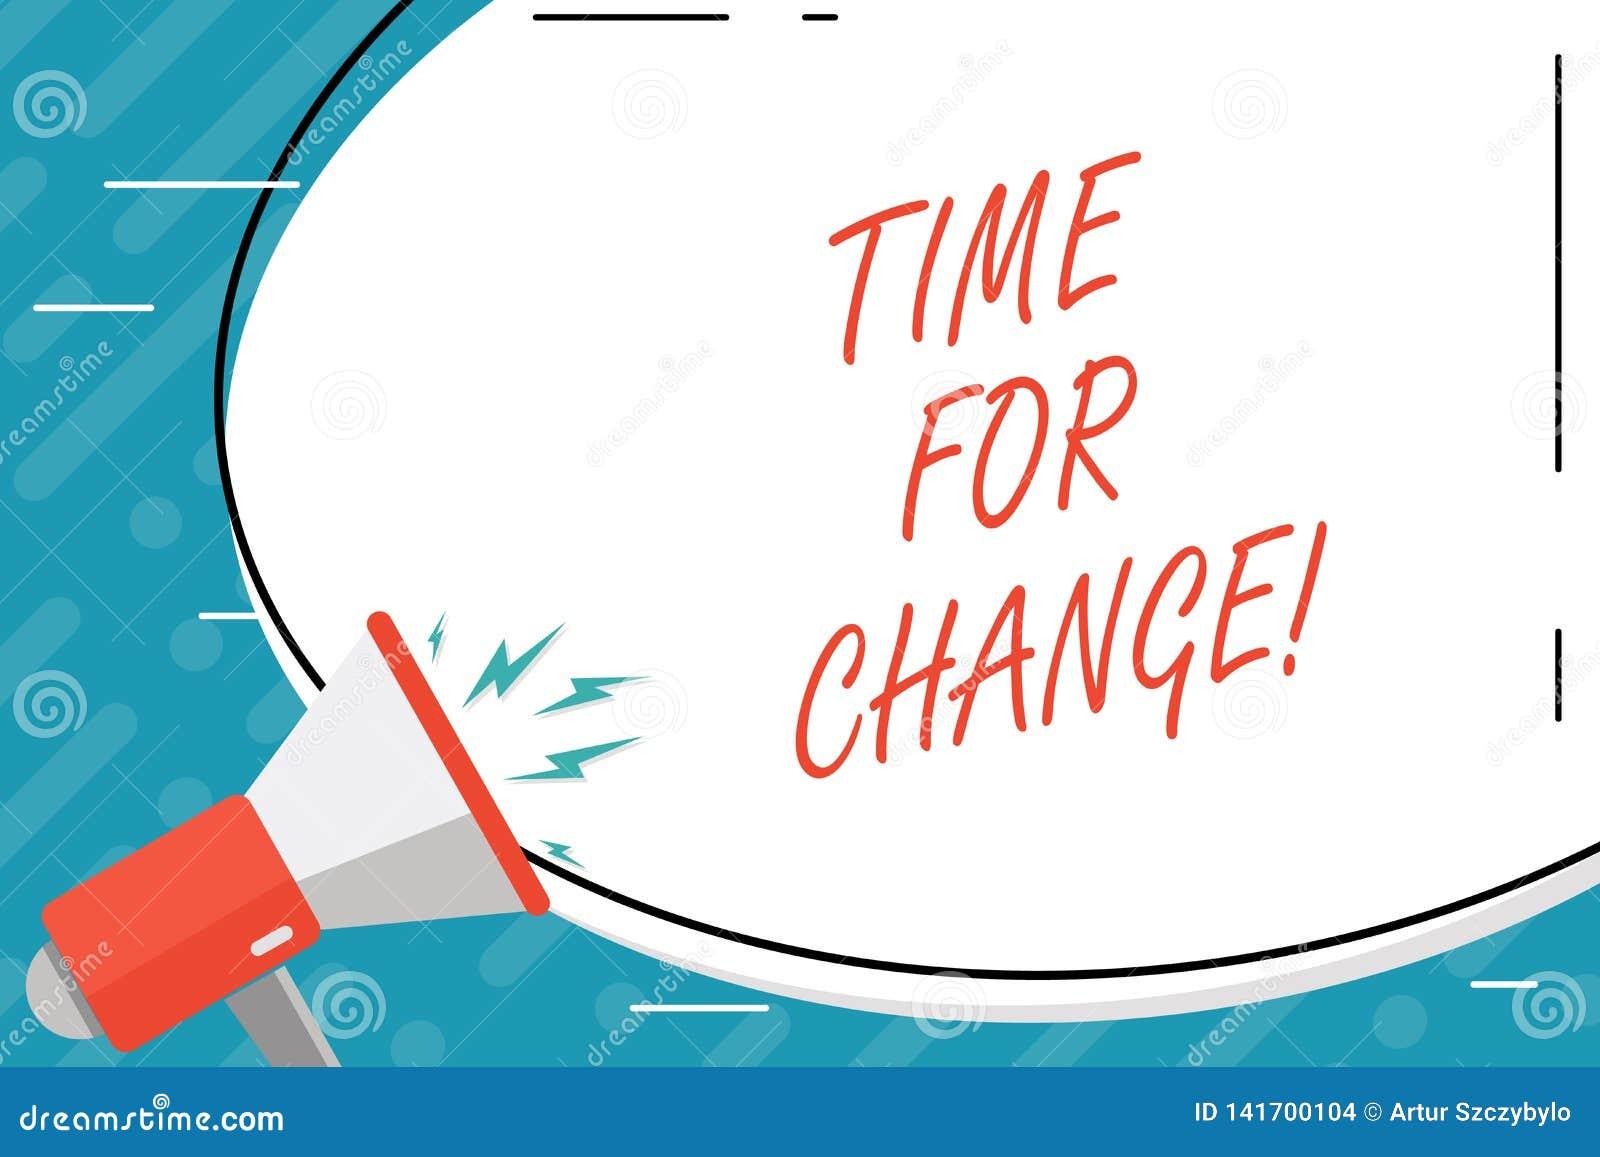 Tempo do texto da escrita para a mudança A transição do significado do conceito cresce para melhorar transforma para tornar-se